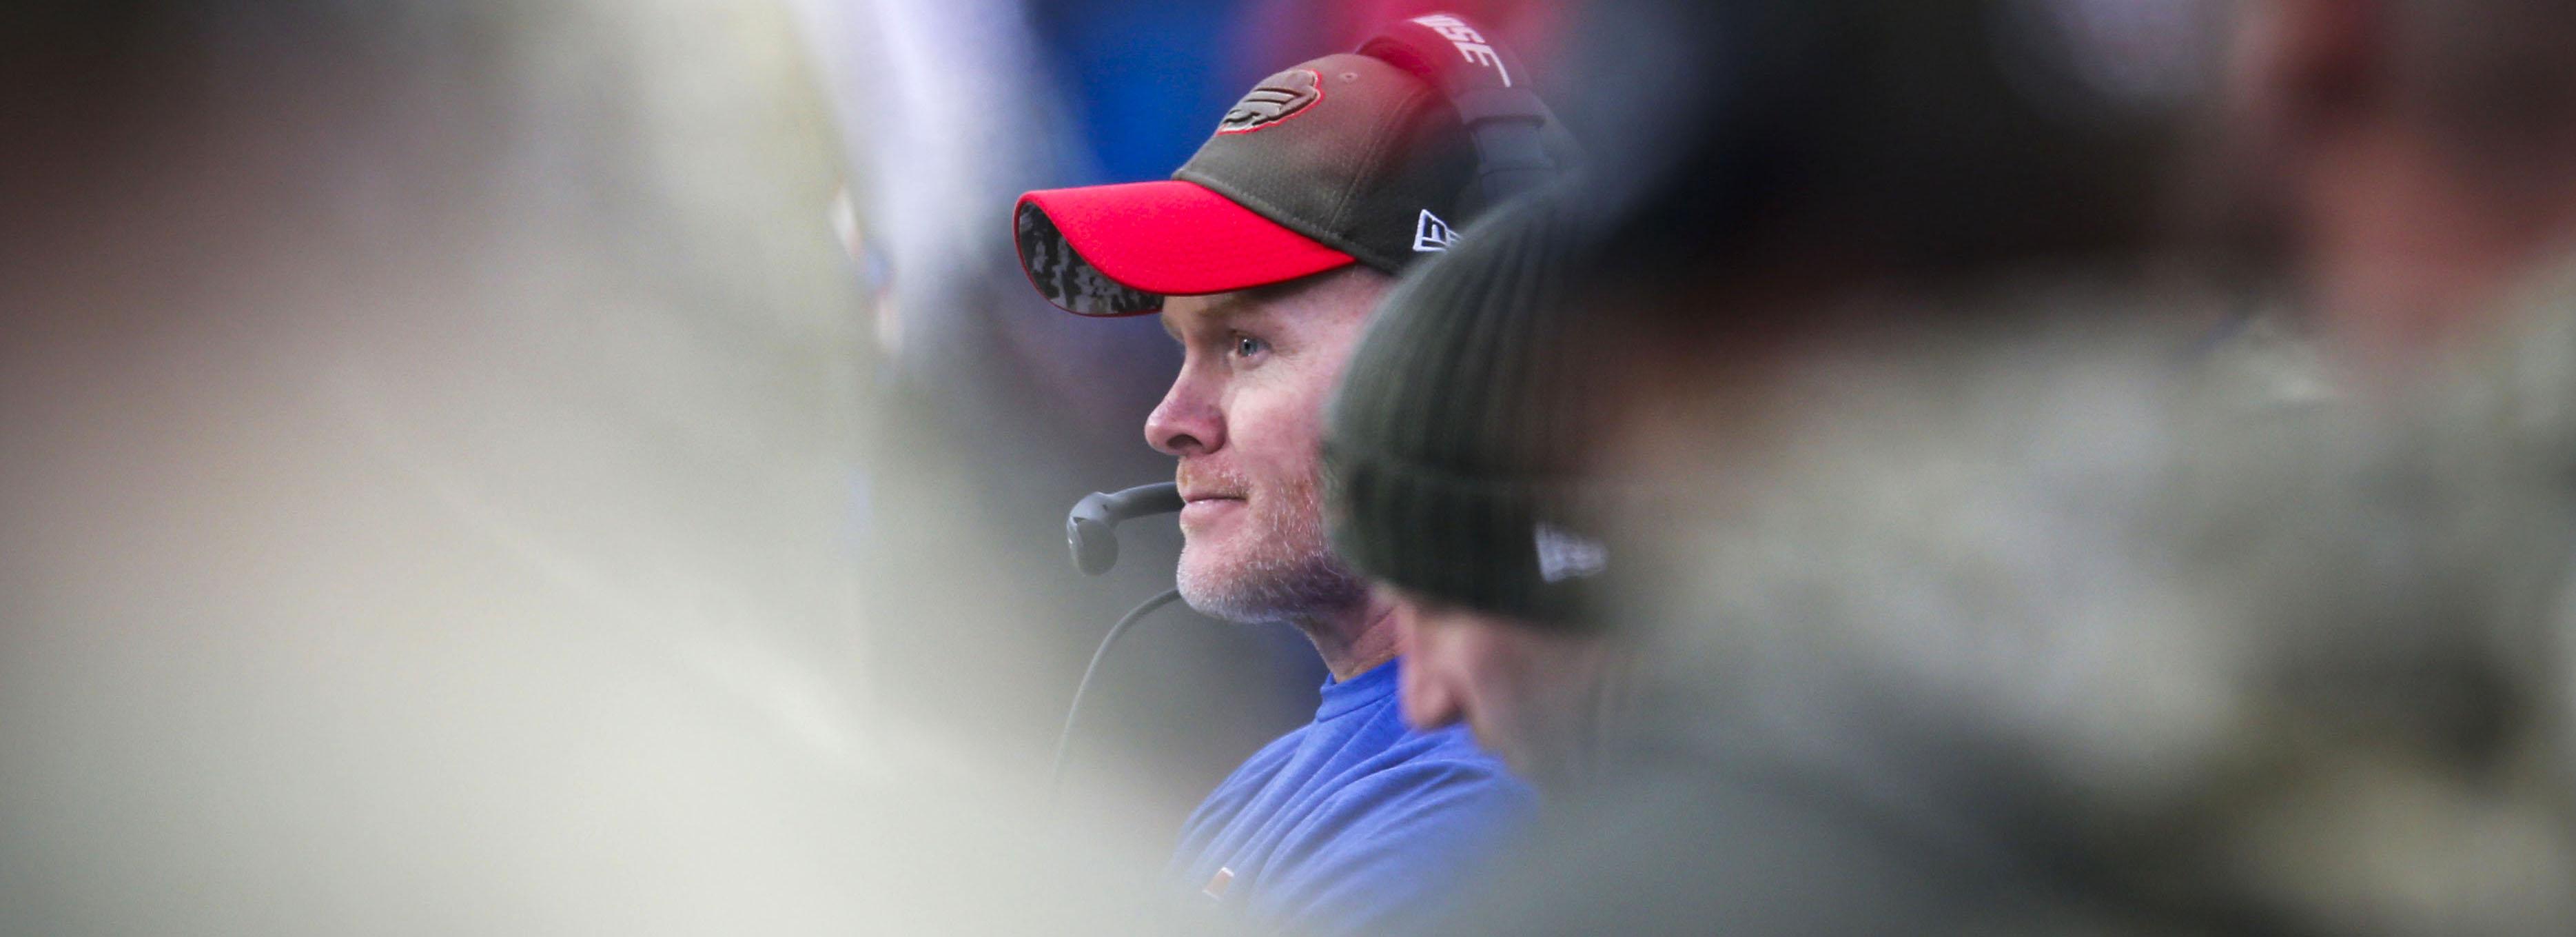 Bills head coach Sean McDermott. (Derek Gee/News file photo)